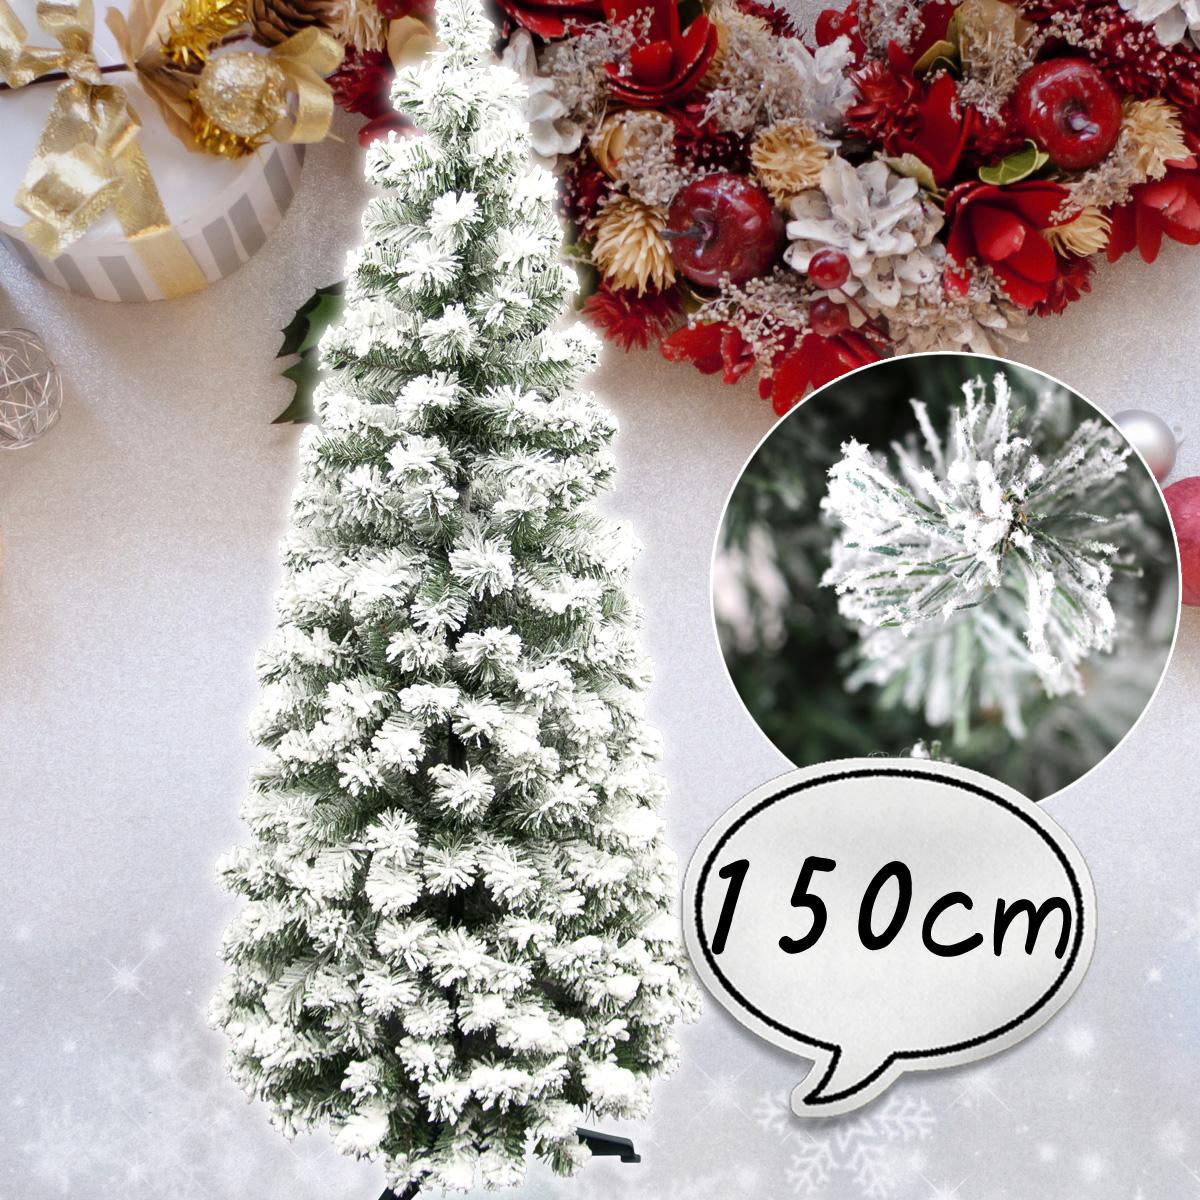 【クーポン使用で10%OFF対象商品】 クリスマスツリー 150cm フロスト 雪付き ポップアップツリー 折り畳み式 ツリーの木 [ ヌードツリー ] 北欧 おしゃれ